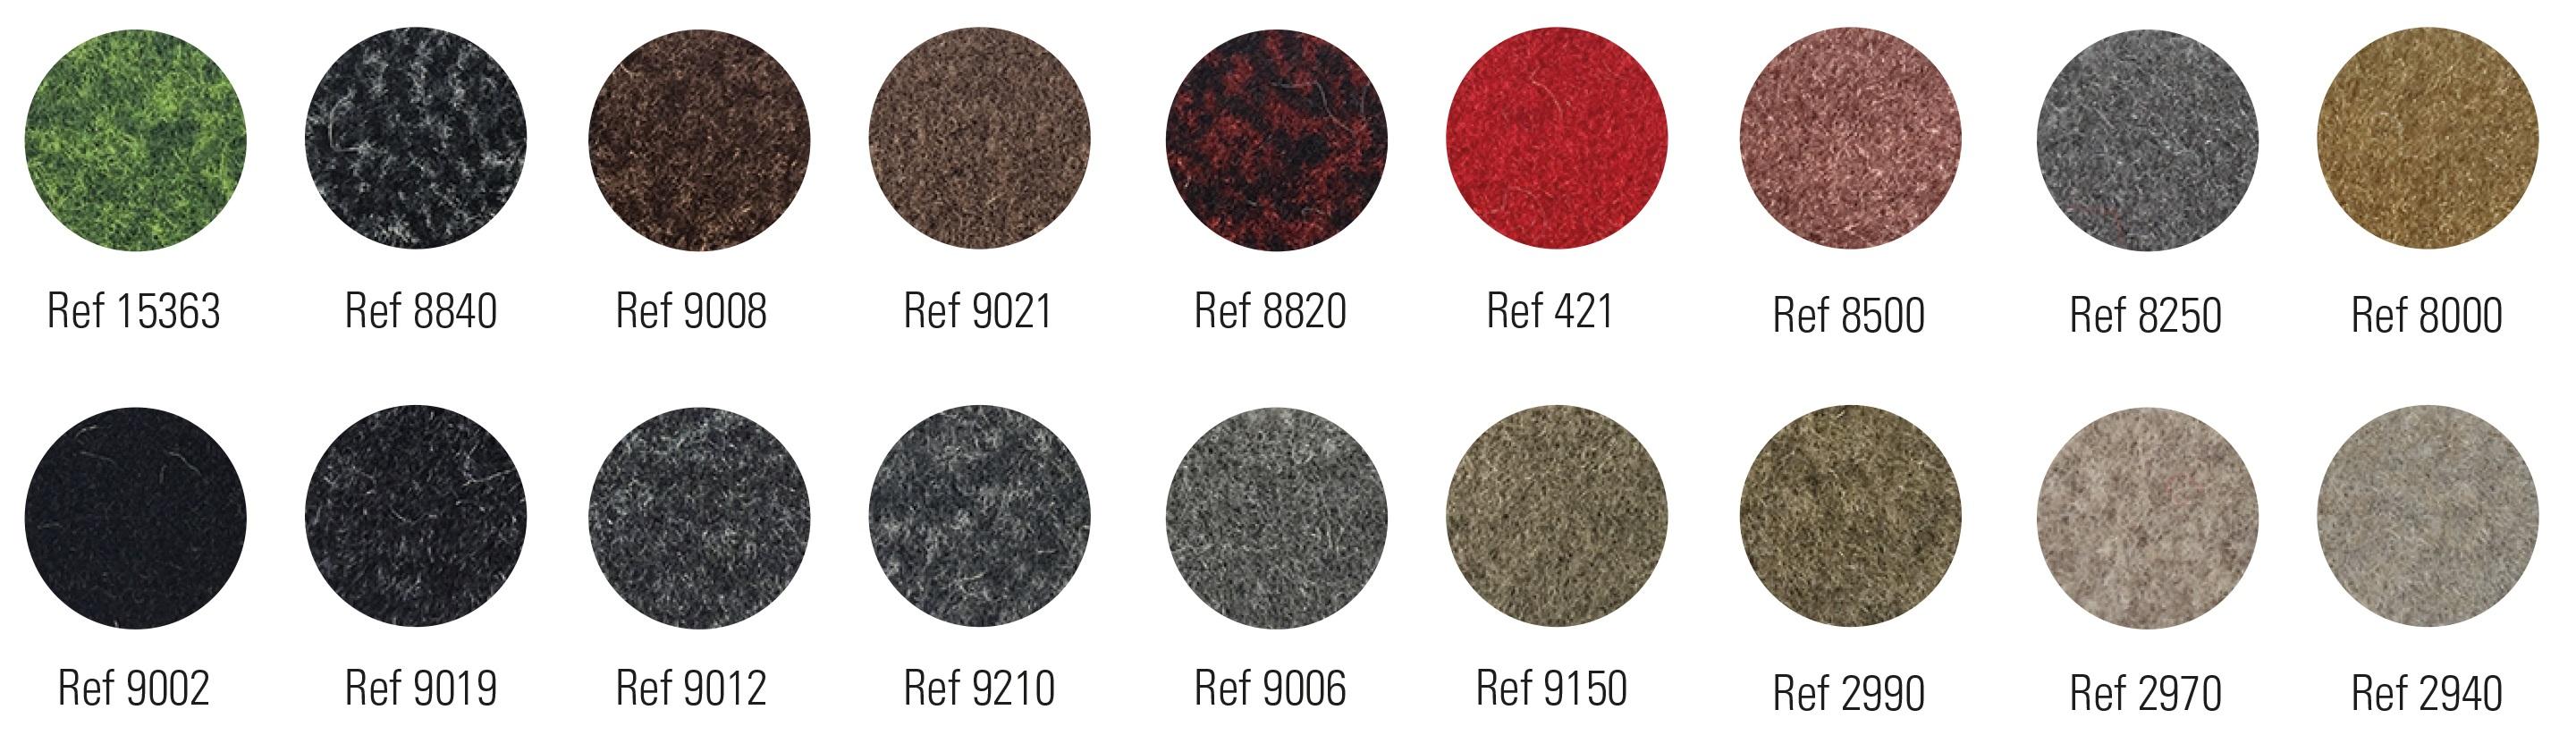 Verimpex-CleanMid-kleurreferenties5acbc2bb711a4